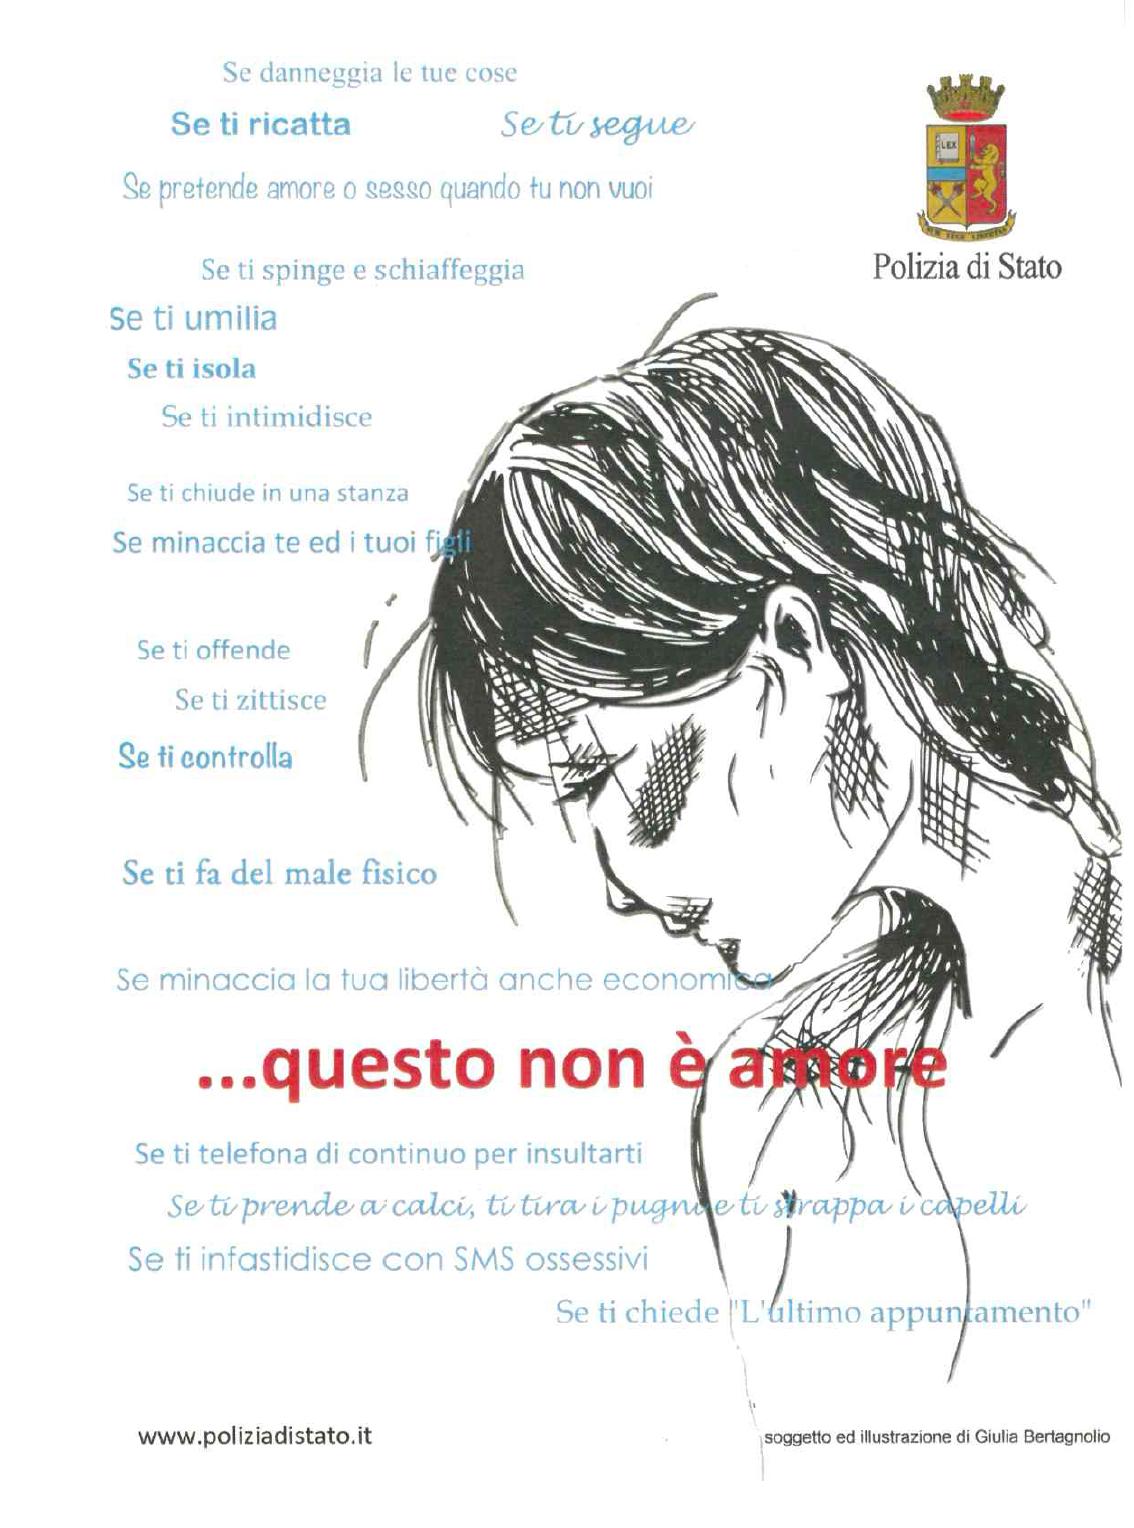 25 Novembre 2016 – Giornata Mondiale contro la Violenza sulle Donne